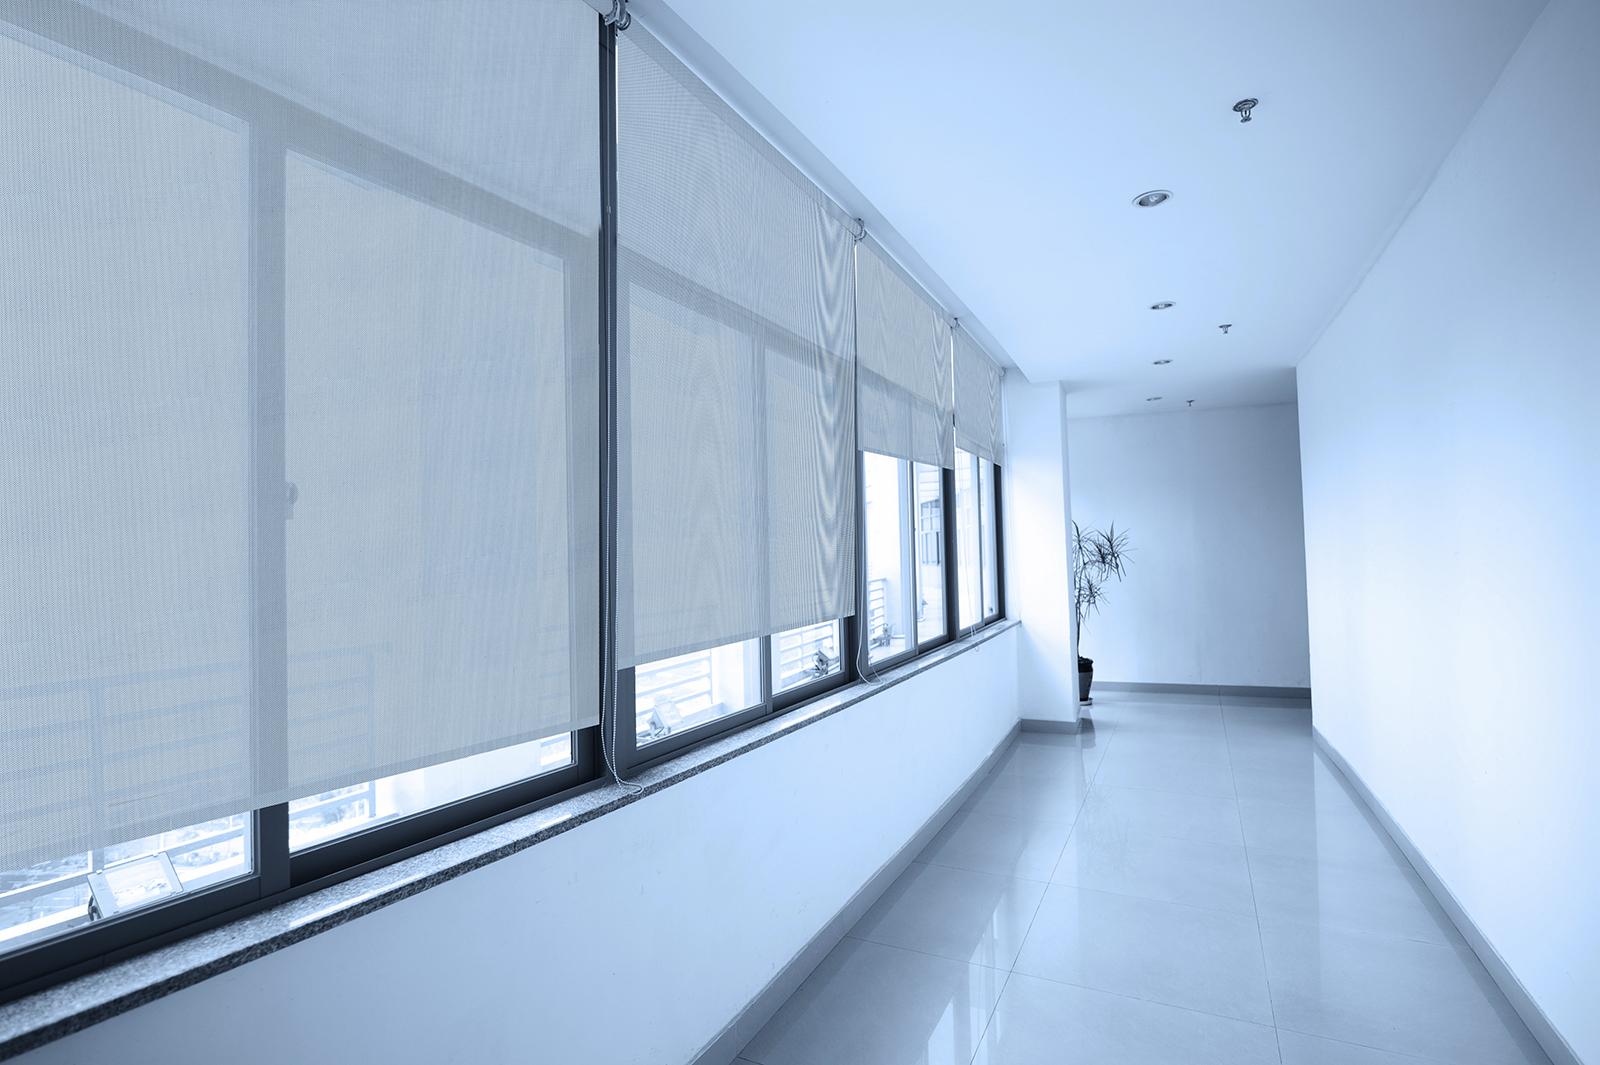 Ткань Скрин для рулонных штор подходит для общественних помещений